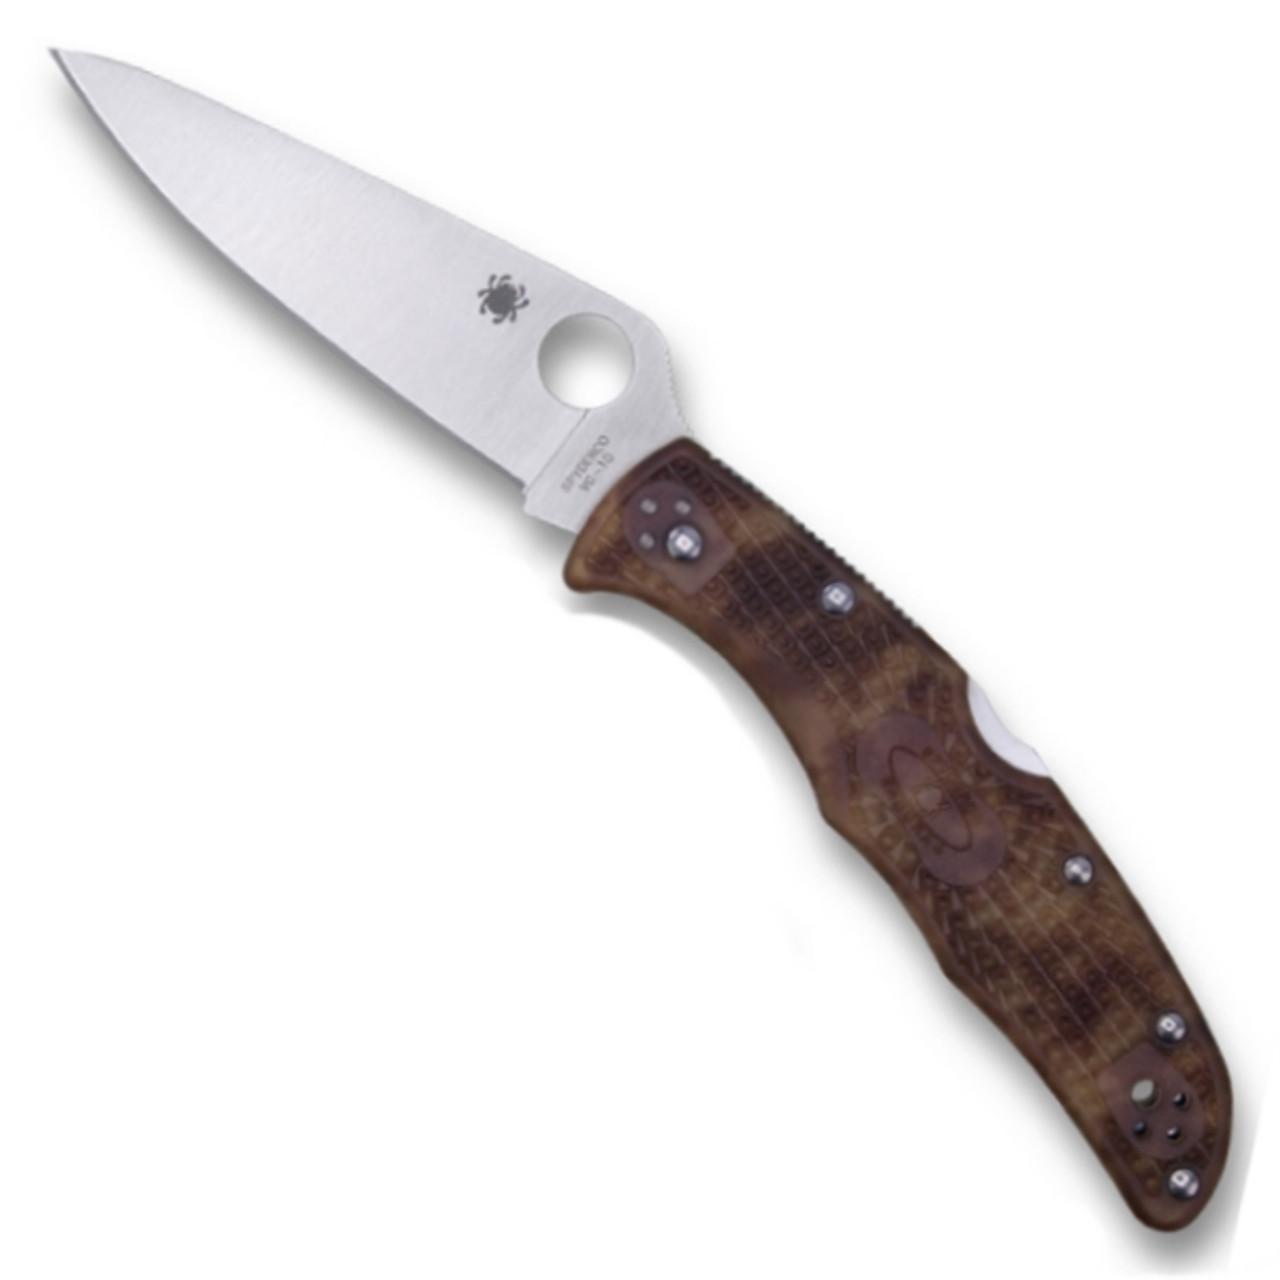 Spyderco C10ZFPDCMO Zome Desert Camo Endura 4 Folder Knife, VG-10 Satin Blade